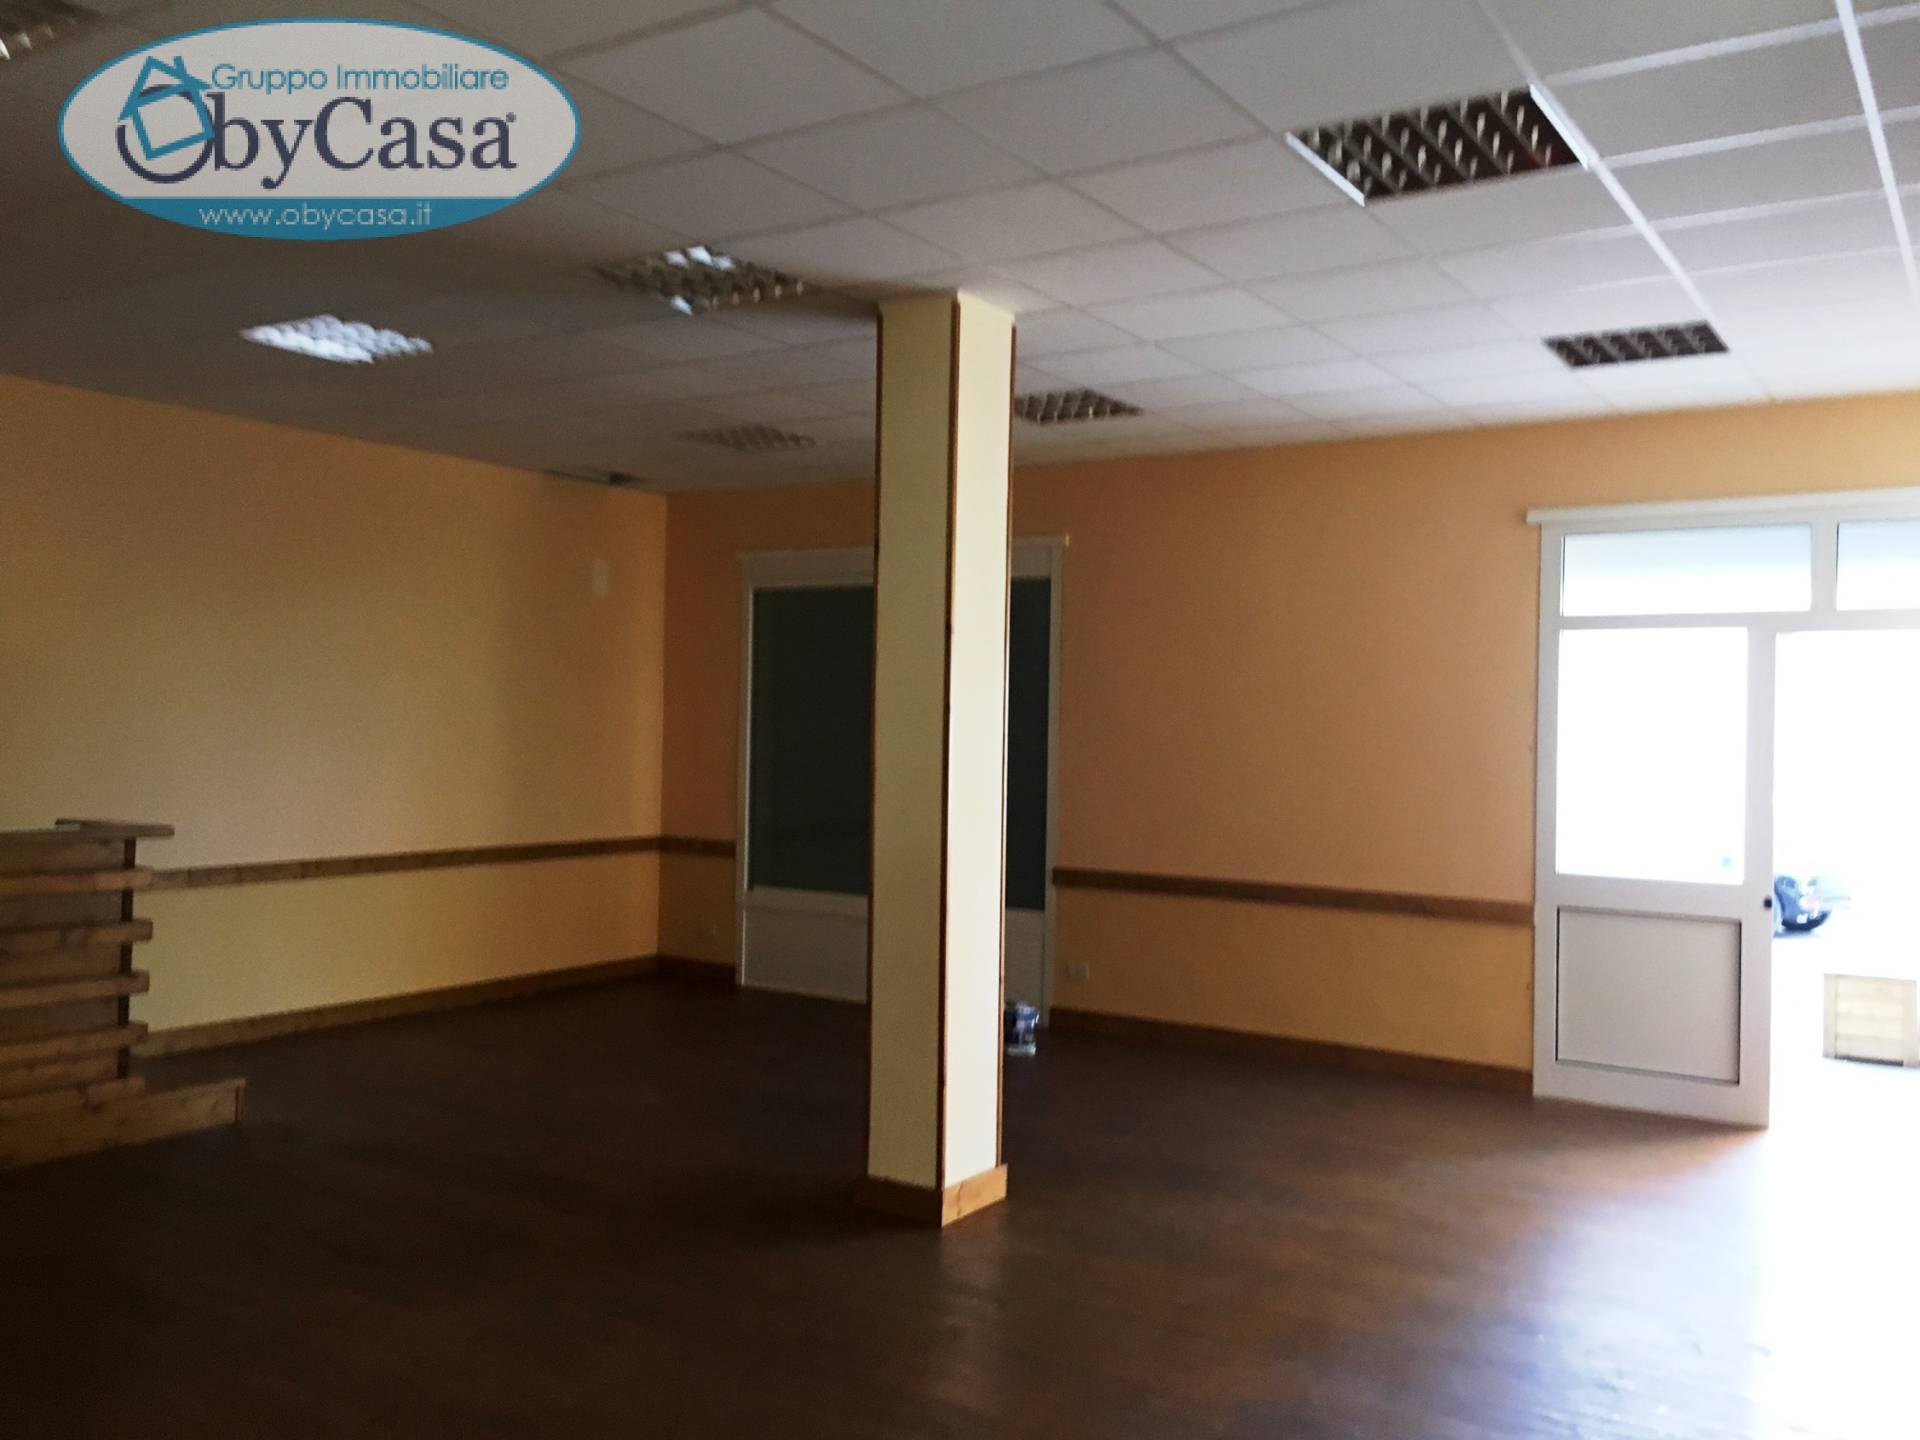 Negozio / Locale in affitto a Bracciano, 9999 locali, zona Zona: Centro, prezzo € 550 | CambioCasa.it